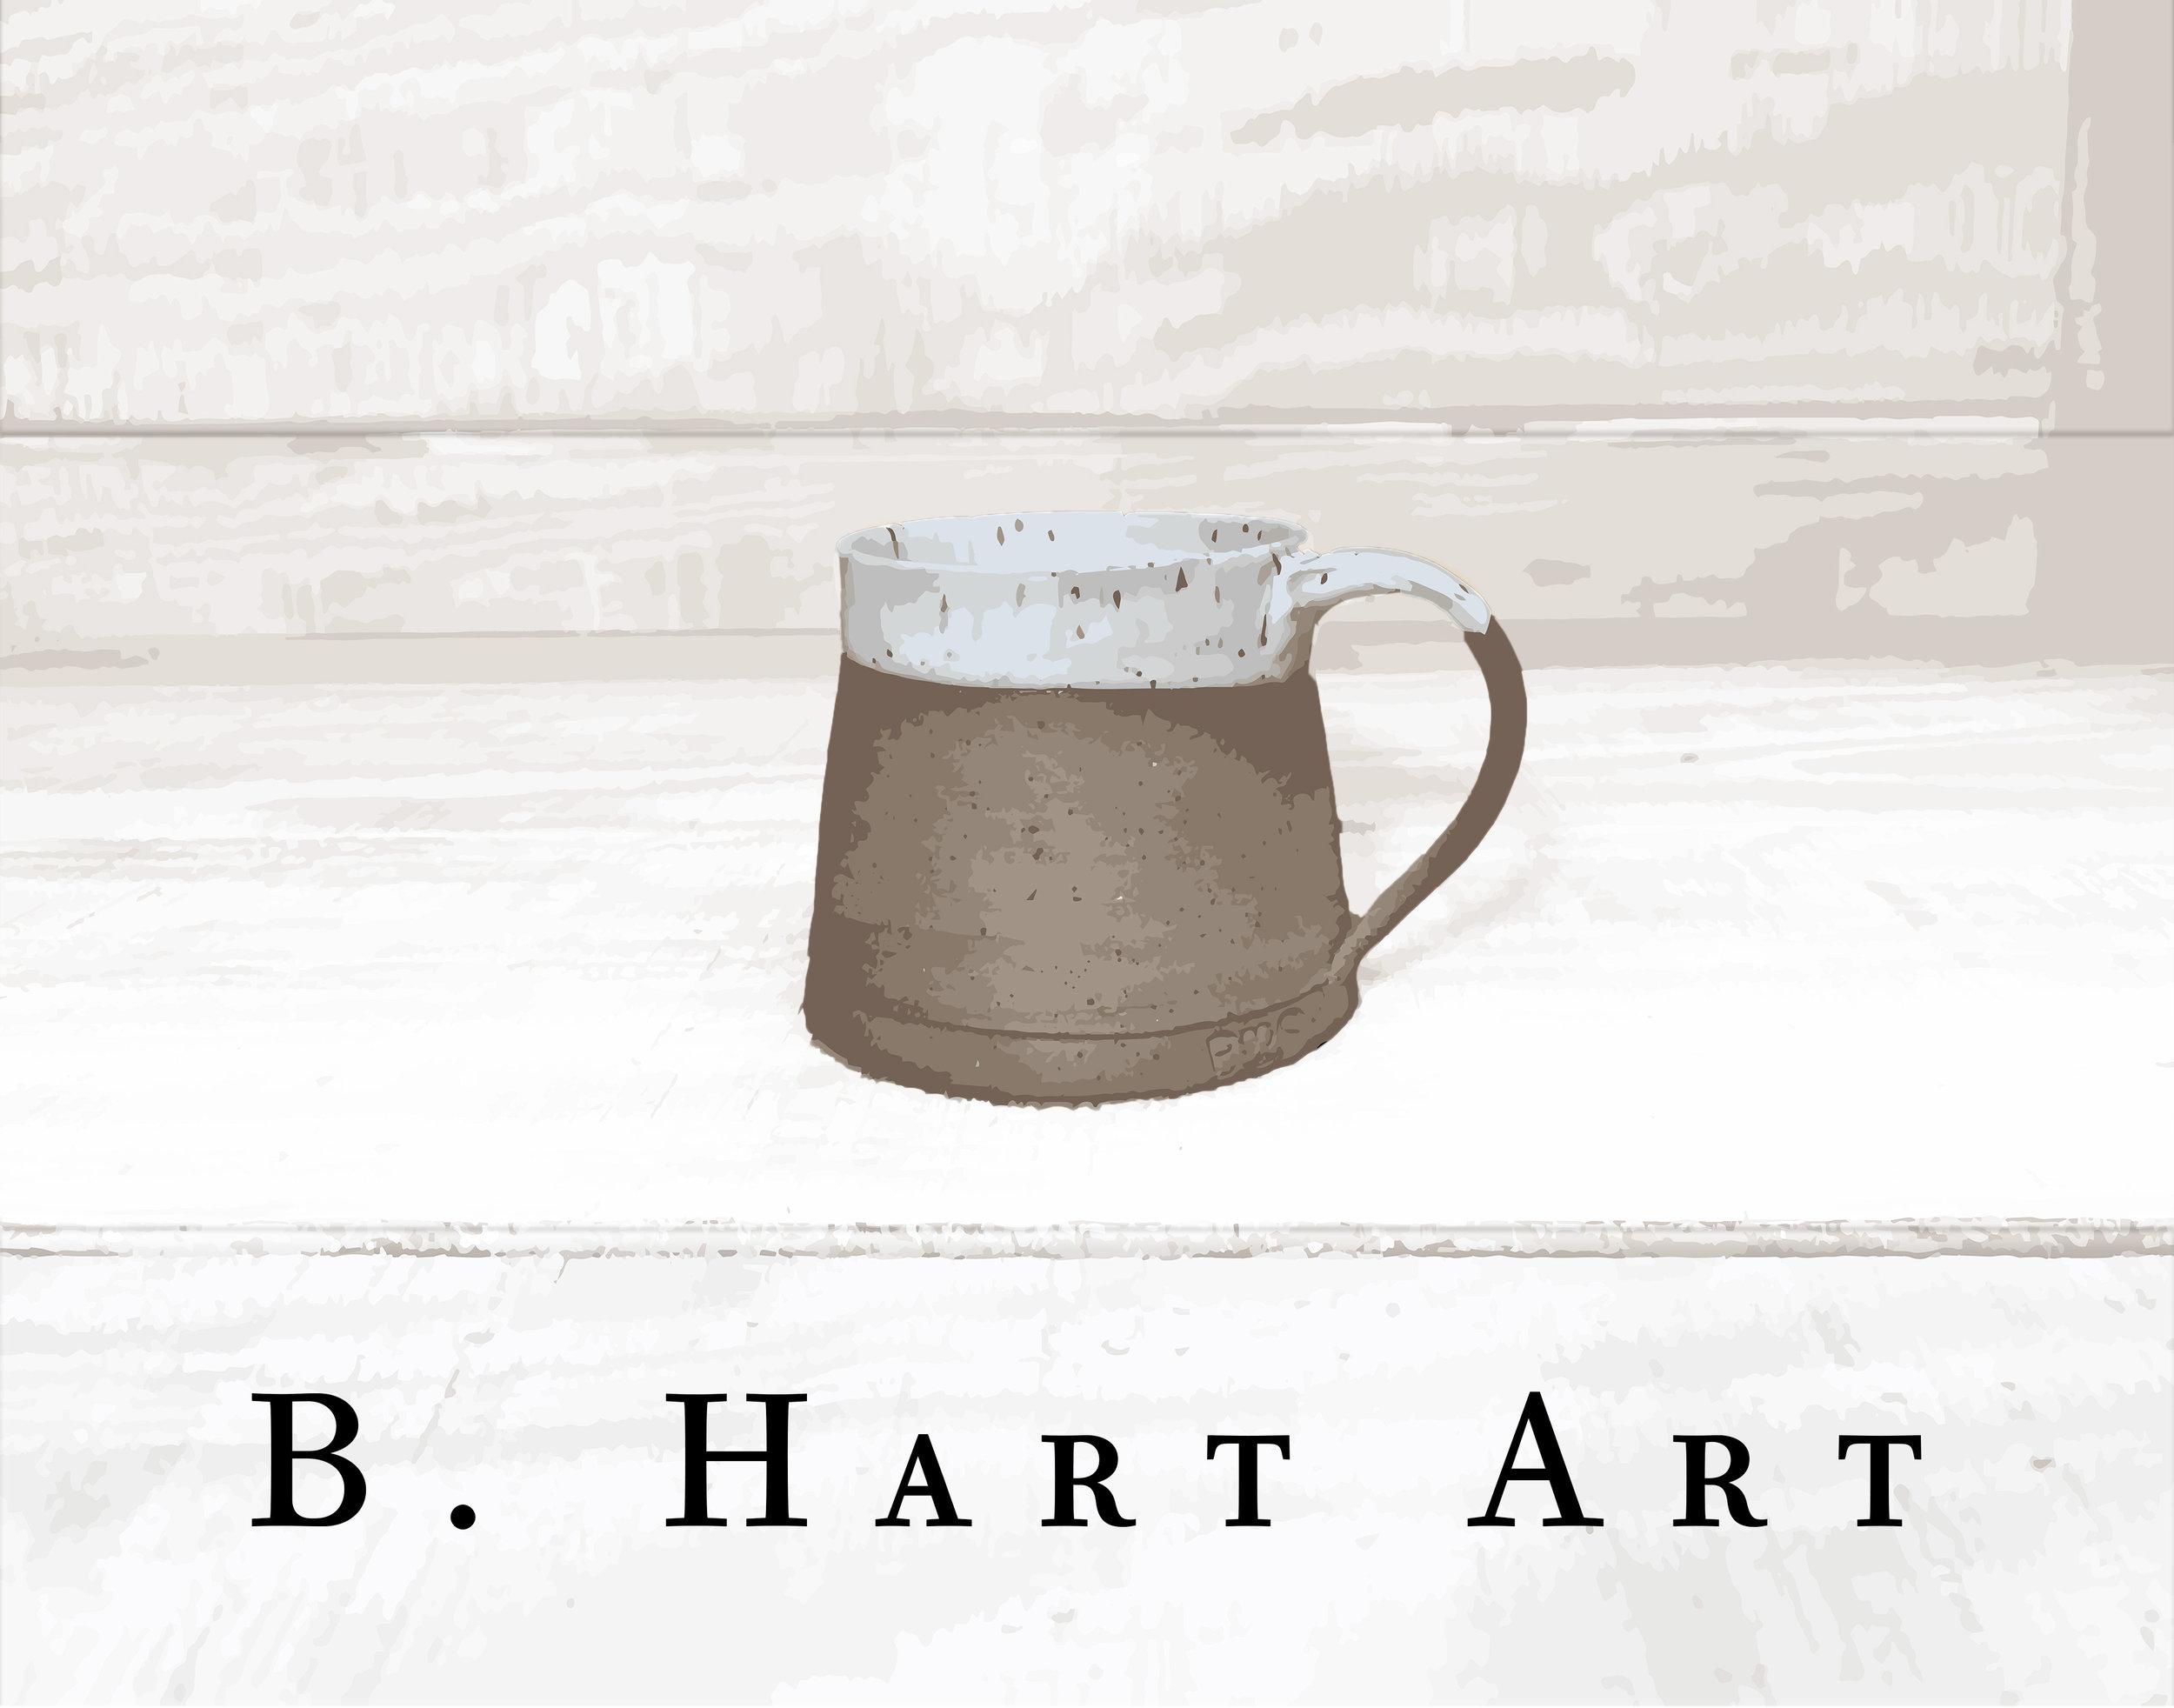 018.19 B Hart Art sign v2.jpg